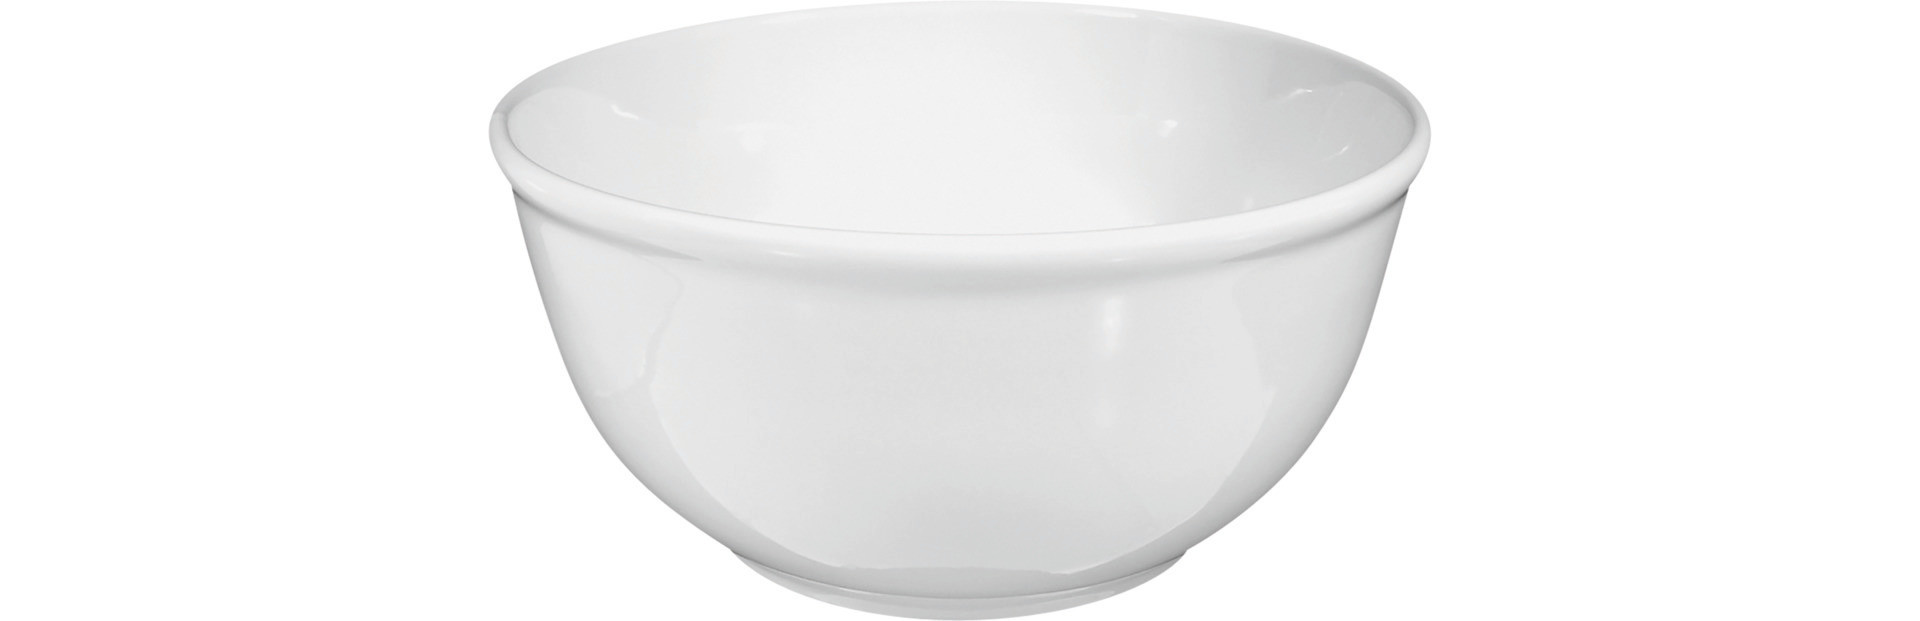 Buffet Gourmet, Salat rund ø 305 mm / 6,00 l